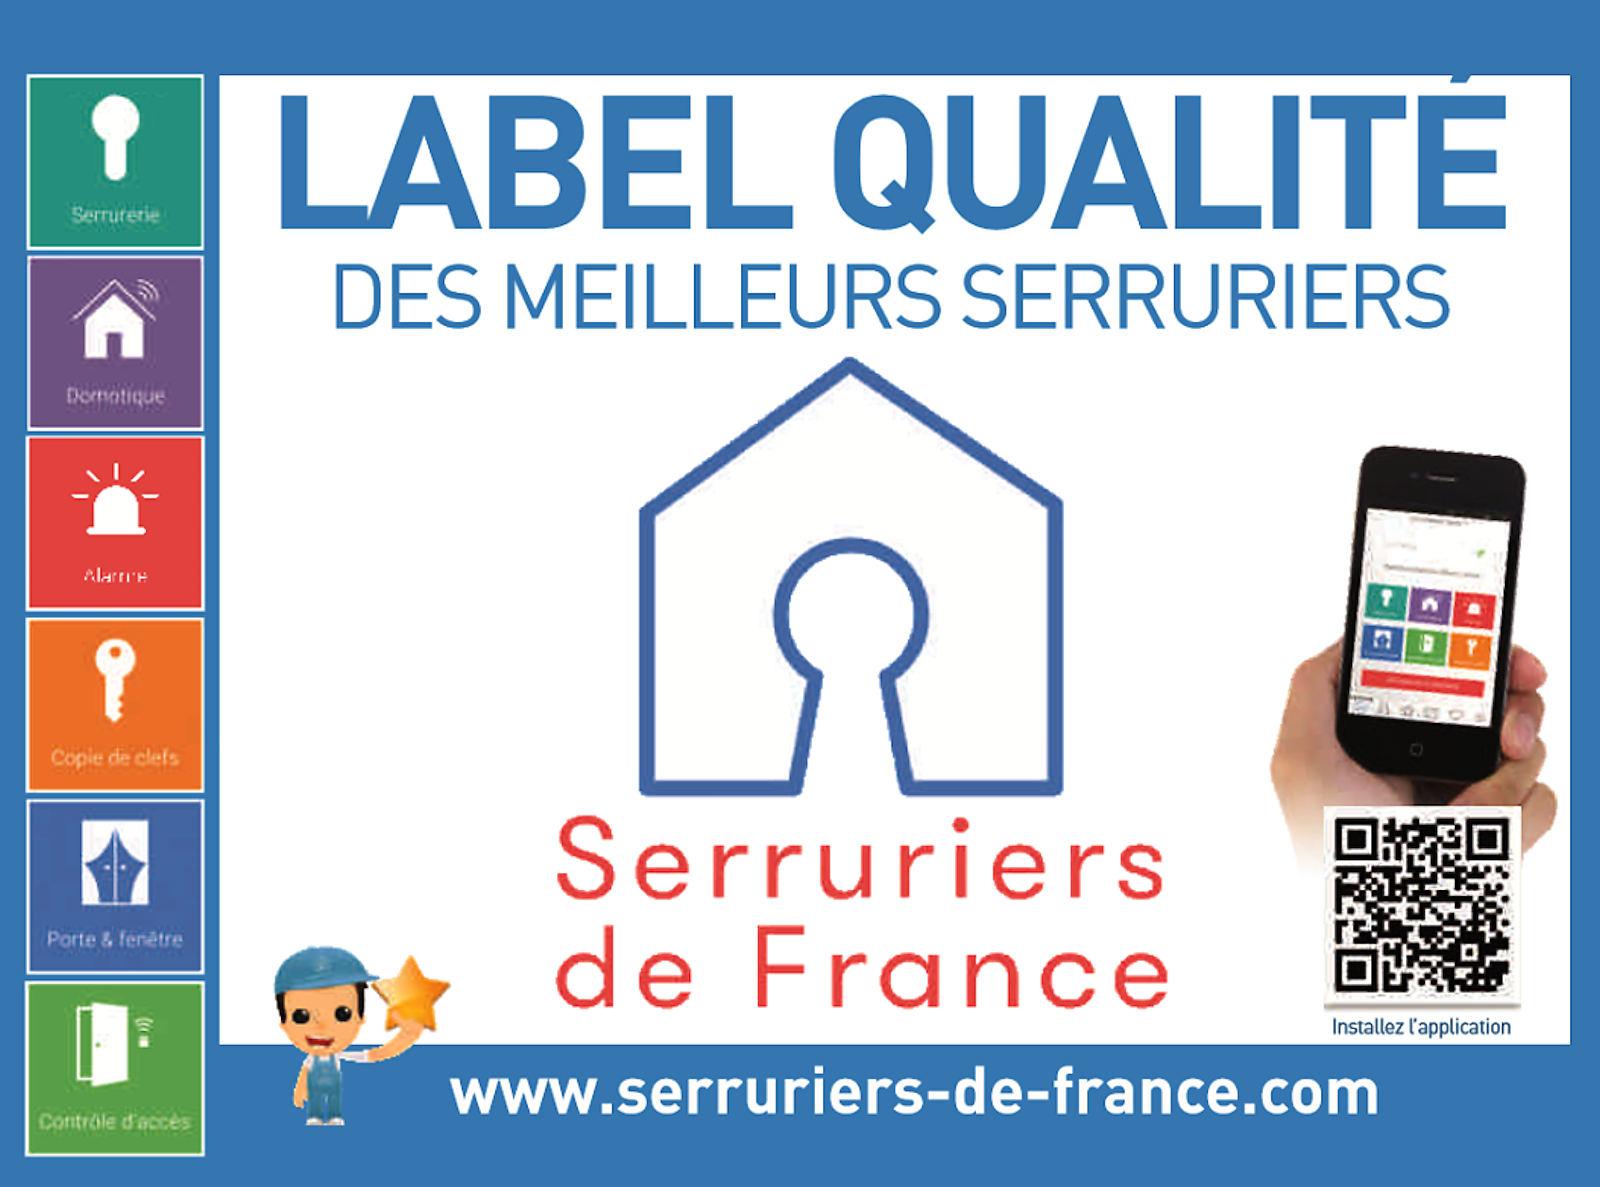 Label Qualité Serruriers de France - 3 Places, Tourcoing.